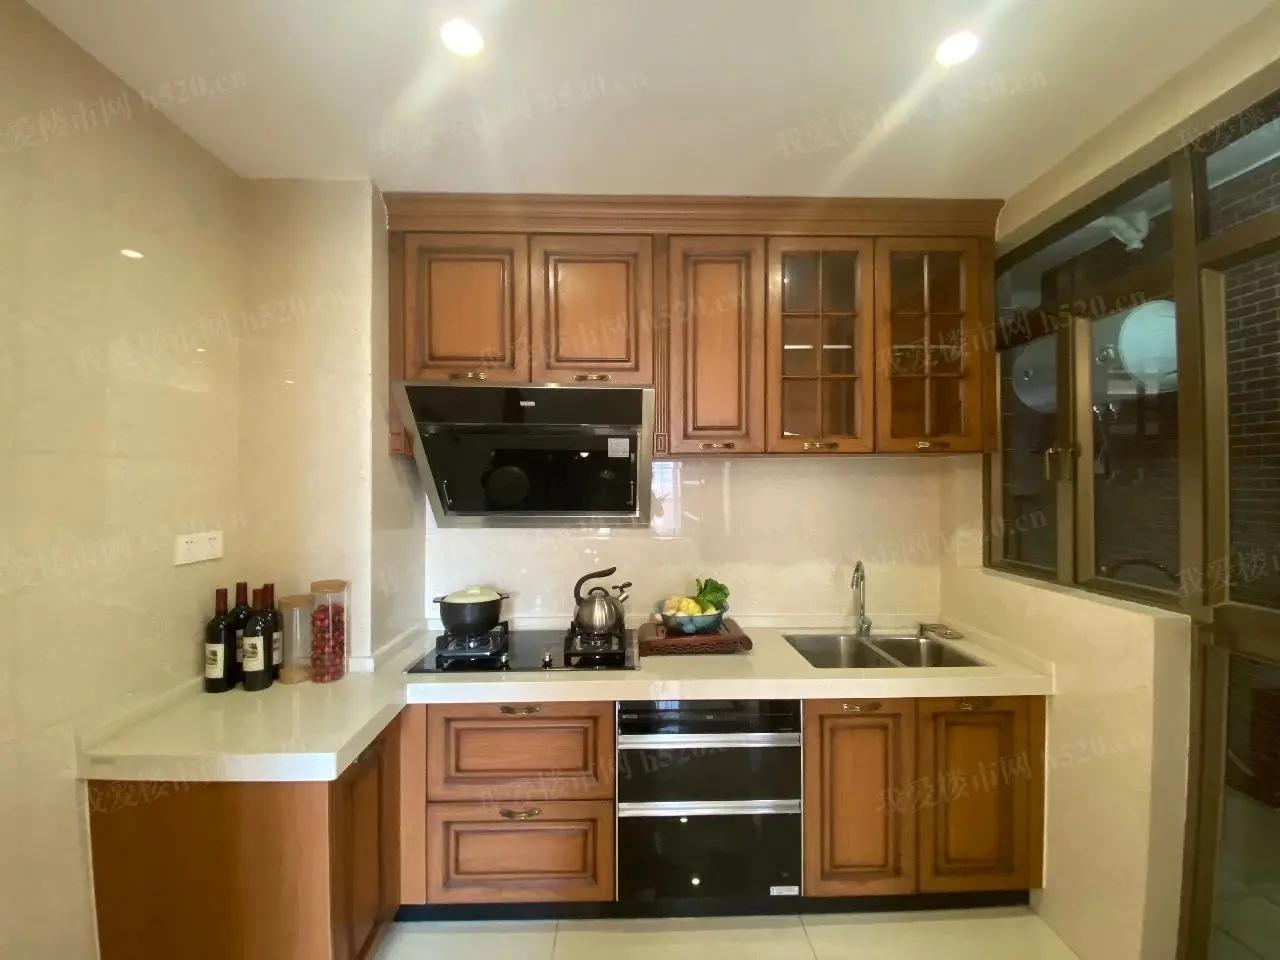 145㎡厨房+生活阳台